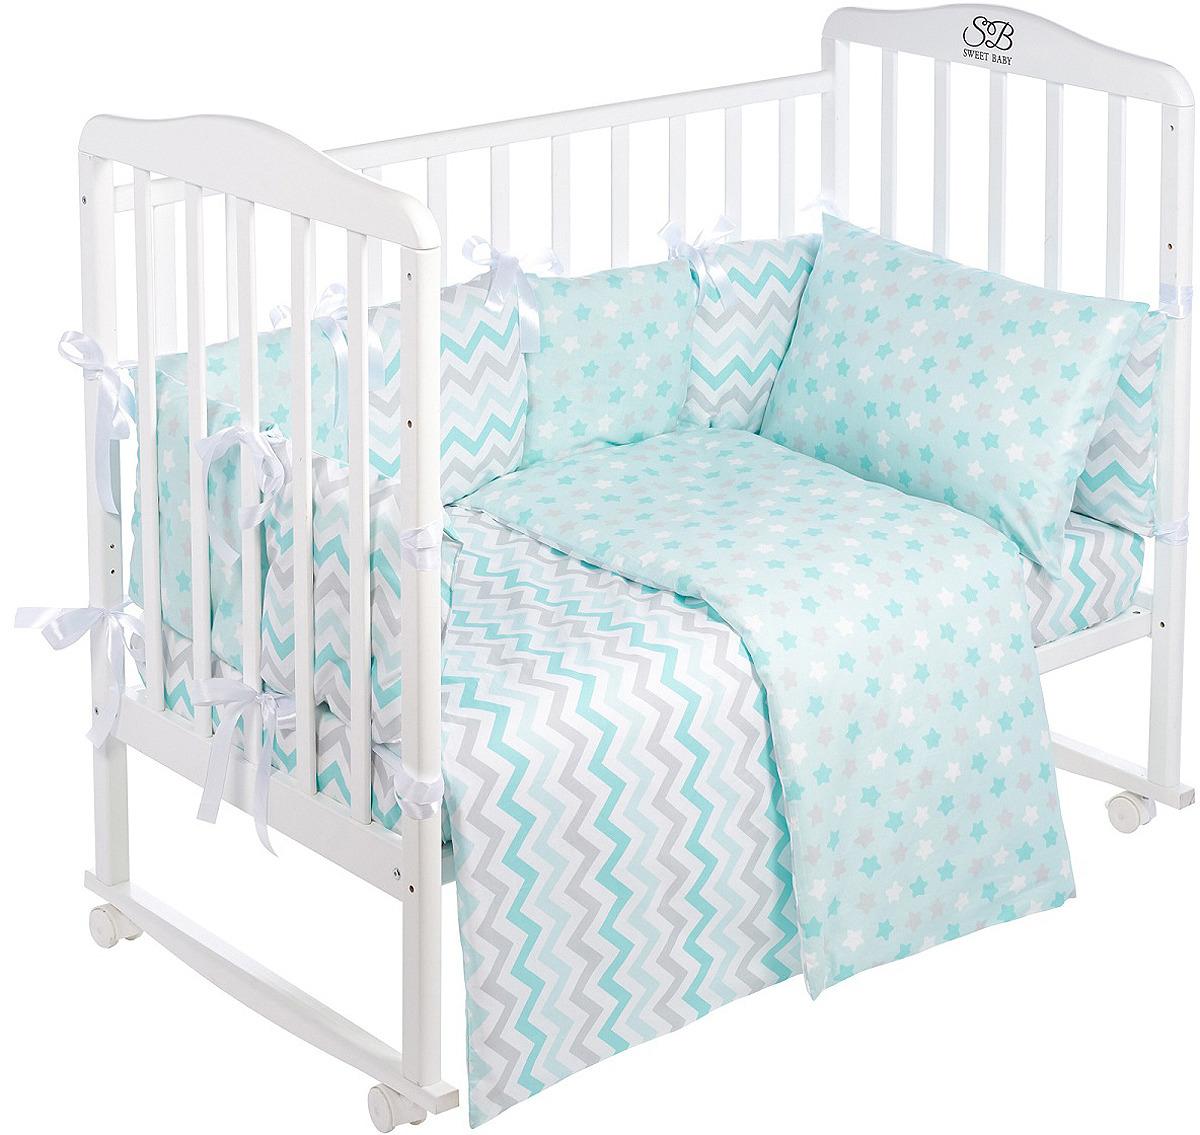 Комплект в кроватку Sweet Baby Colori Blu, 420976, голубой, 4 предмета